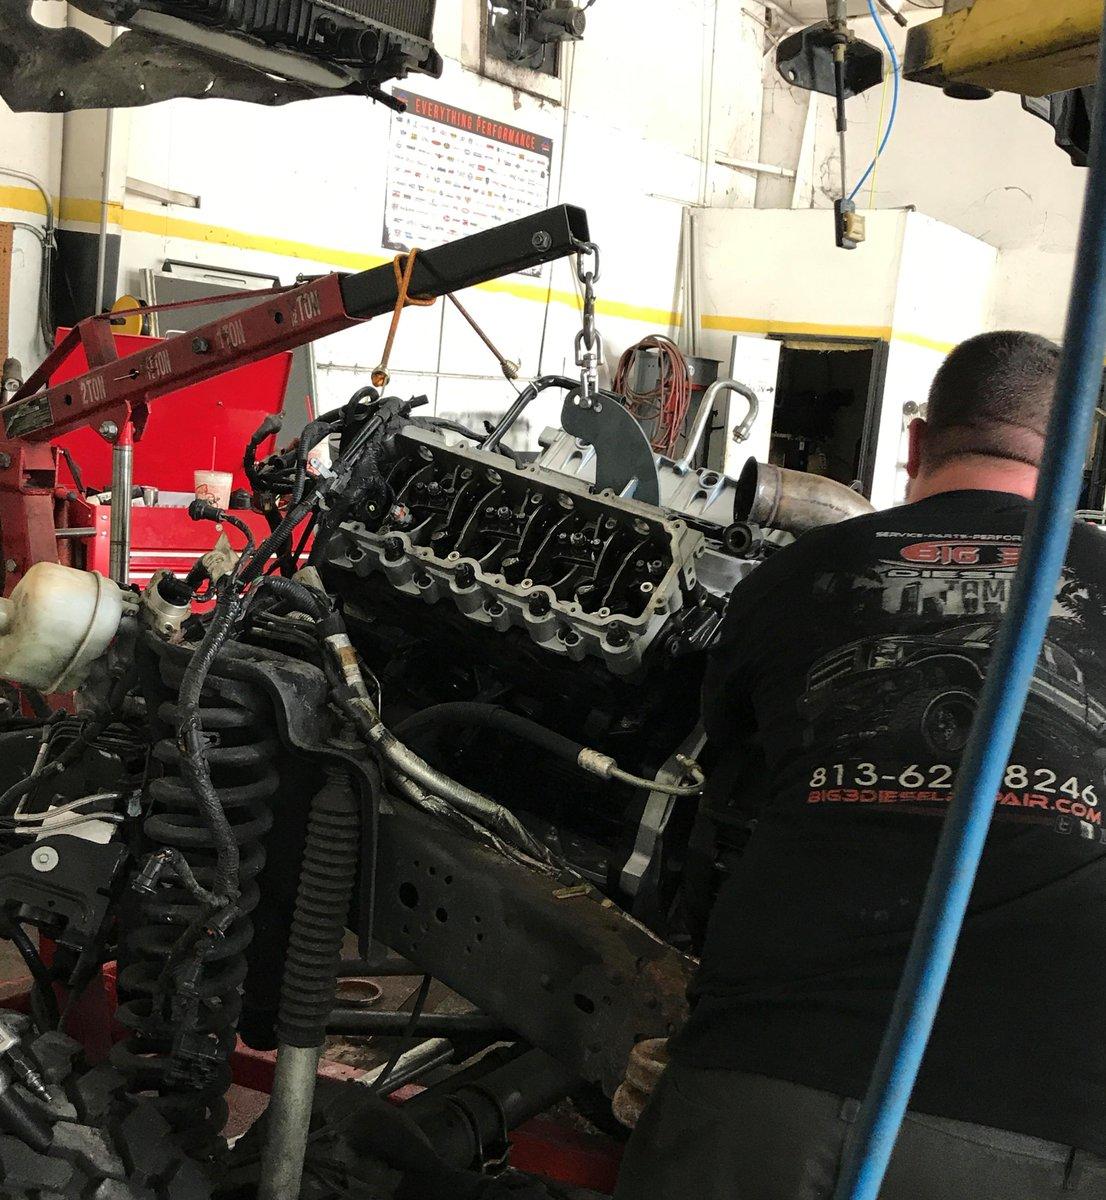 Finishing up on a stage 2 BulletProof job. #Big3DieselRepair #Diesel #F350 #Ford @BulletProofDesl<br>http://pic.twitter.com/6uMpX27Zvr